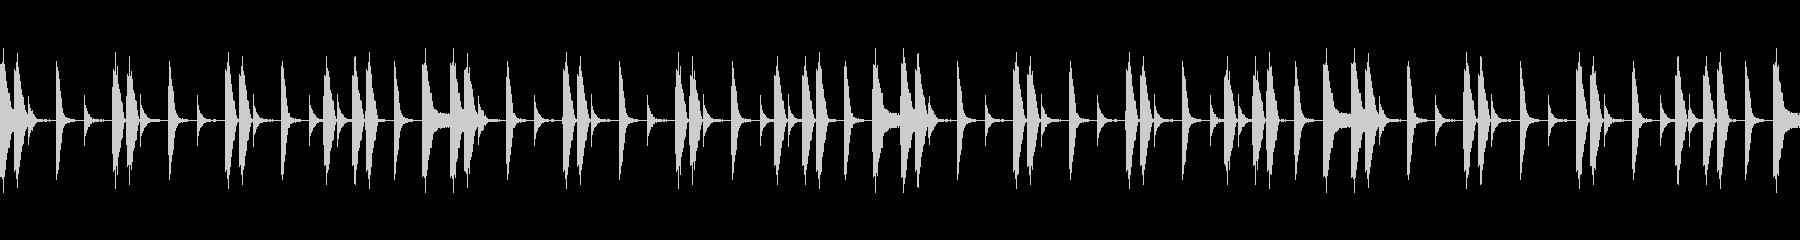 シンプルなドラムビートBGMループの未再生の波形